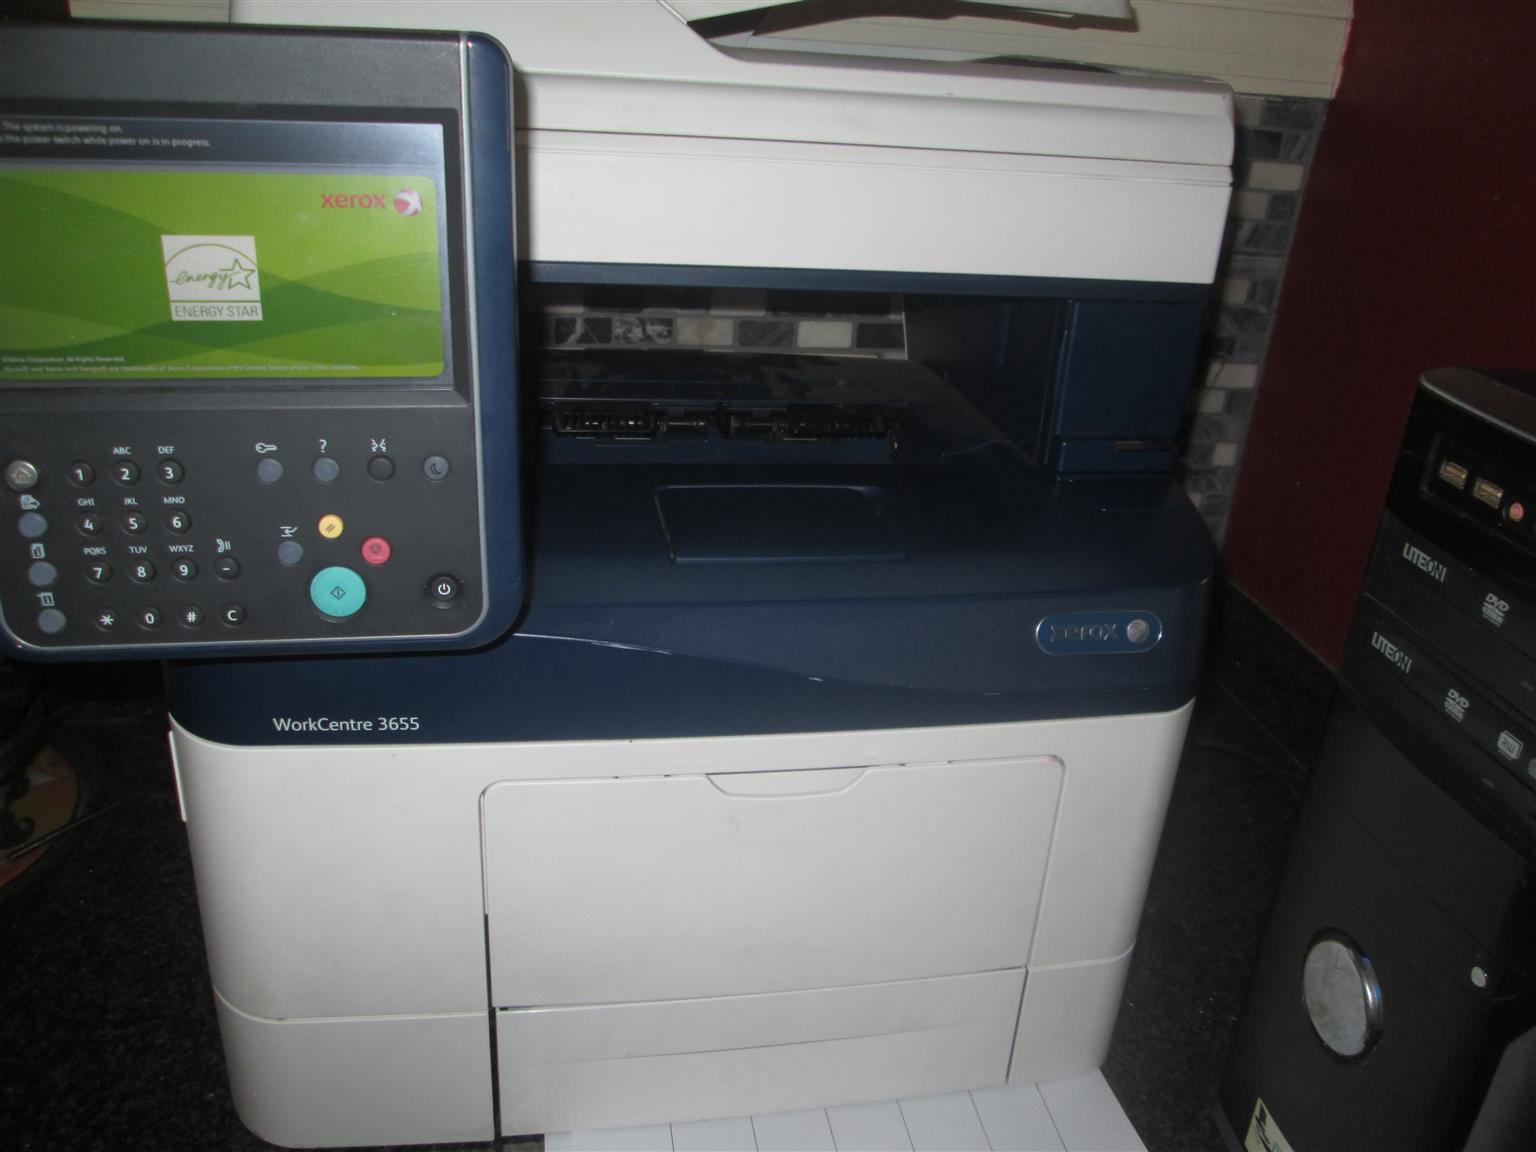 Zerox 3655 workstation